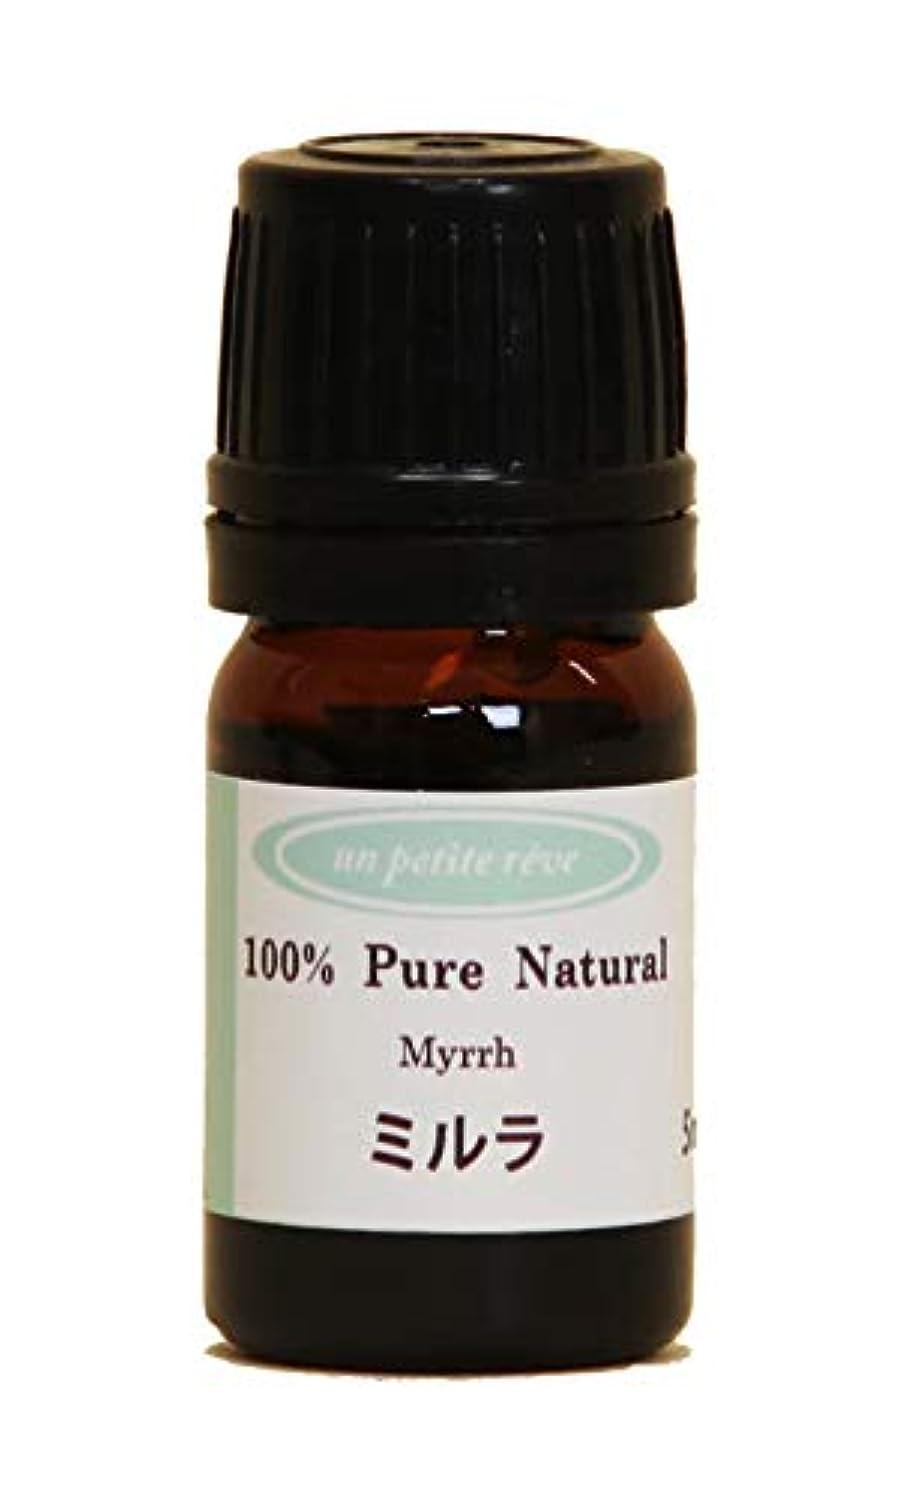 ストレスの多い骨髄アスリートミルラ(ウッドマドラー付き) 5ml 100%天然アロマエッセンシャルオイル(精油)